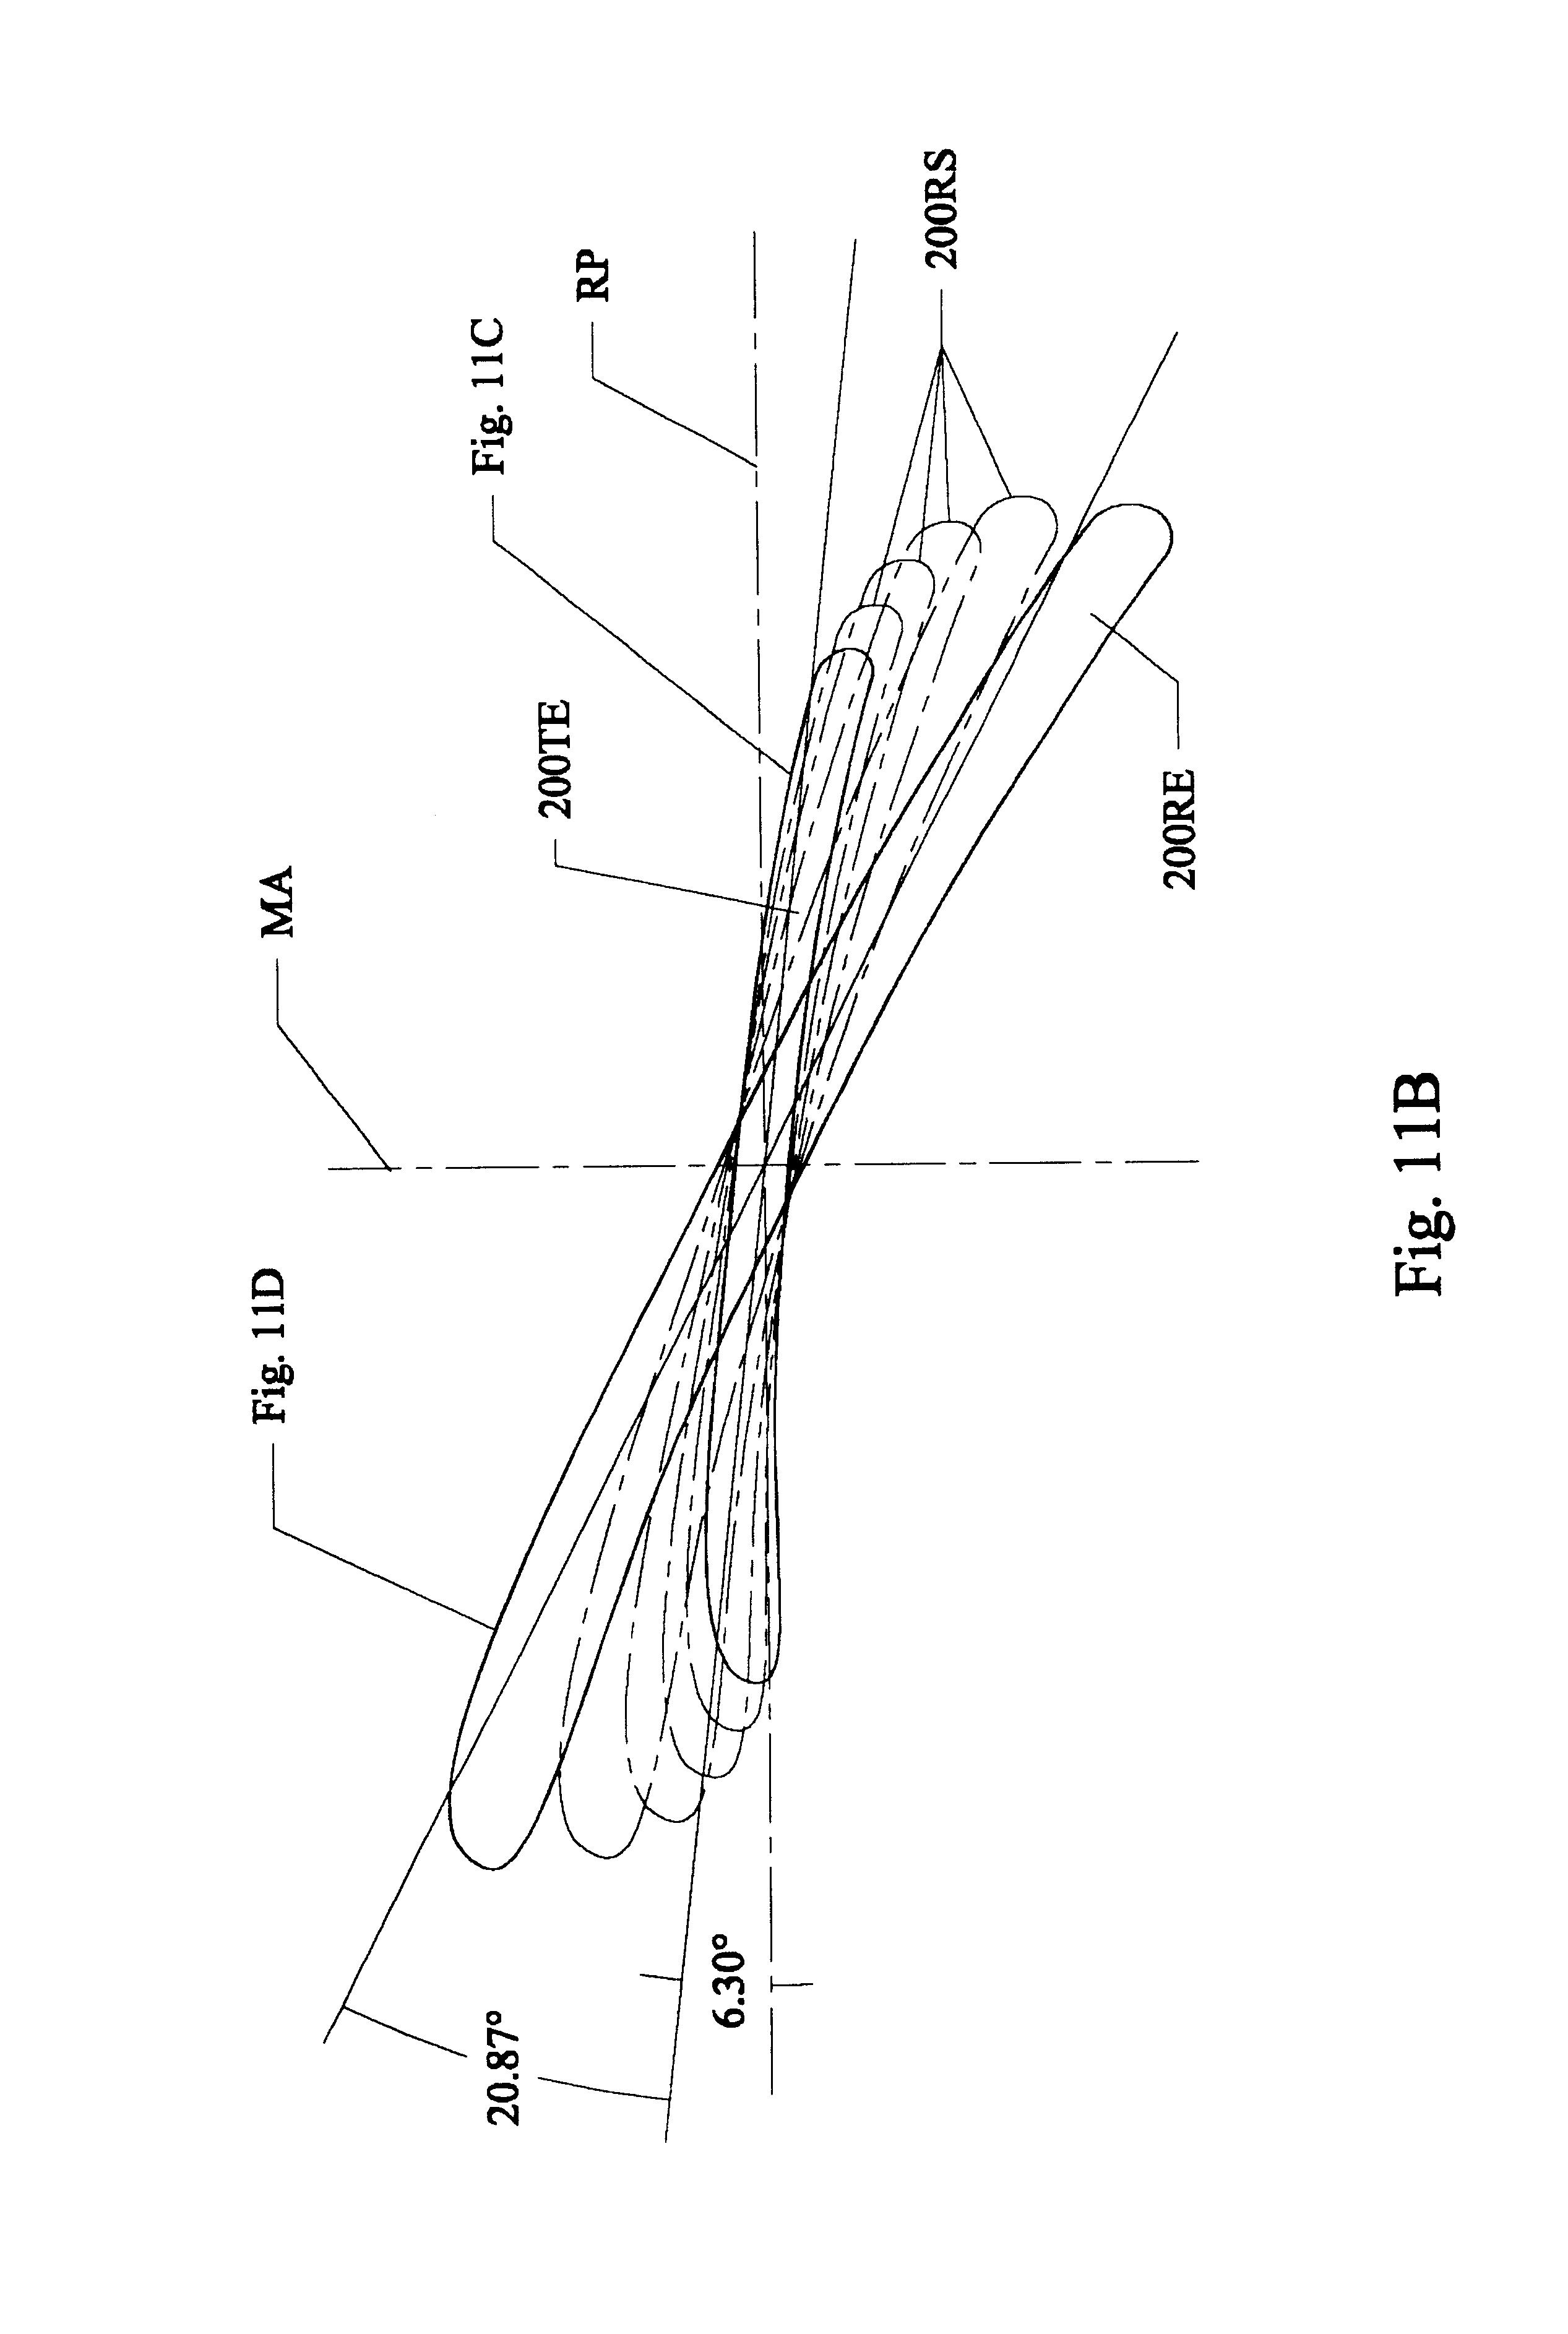 Fan Blade Drawing : Brevetto us high efficiency ceiling fan blades